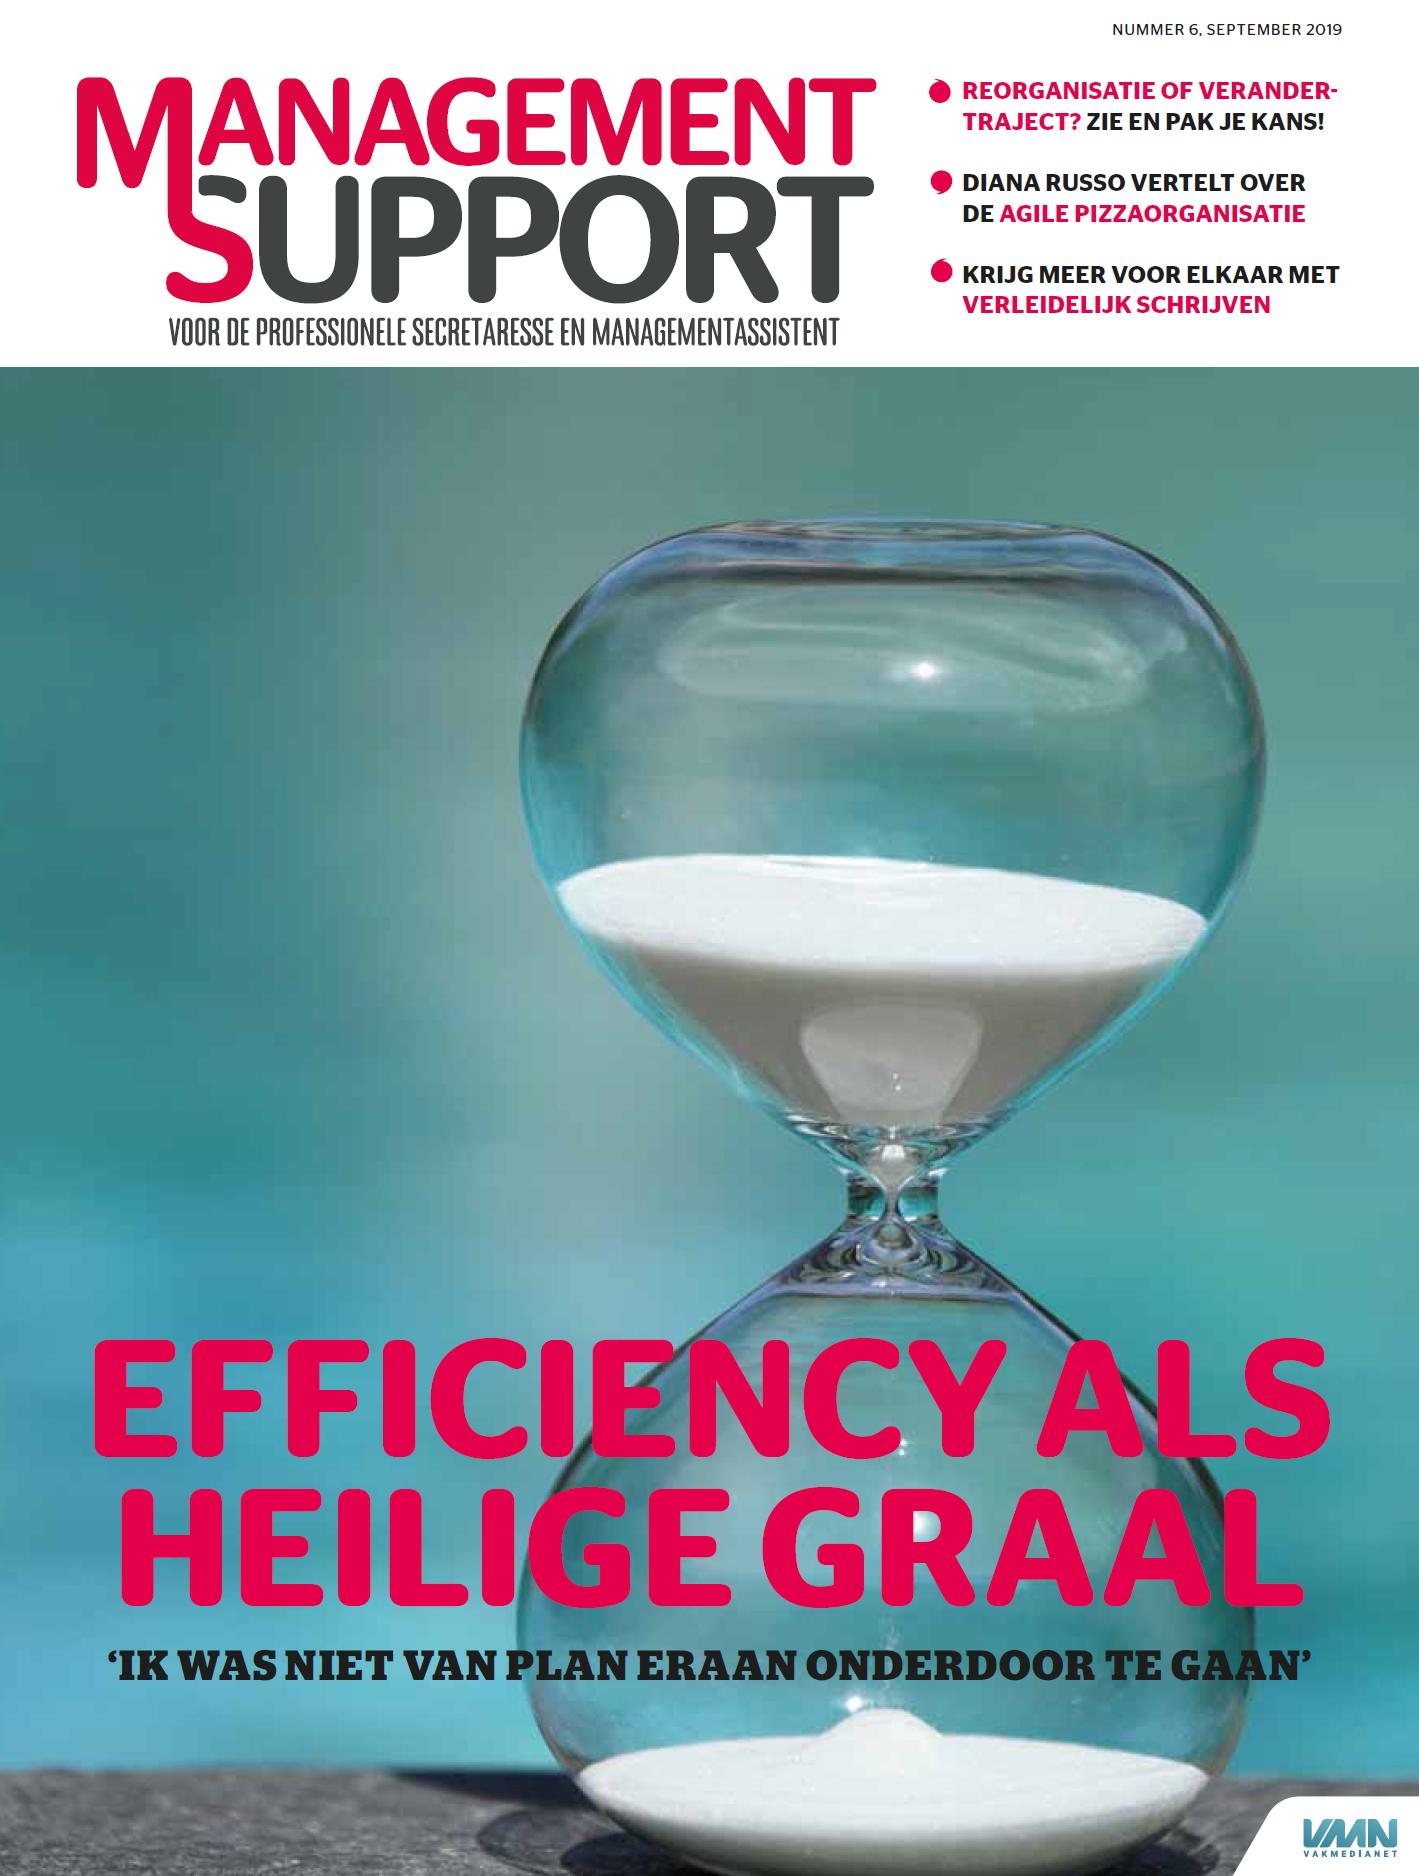 Management Support Magazine september 2019